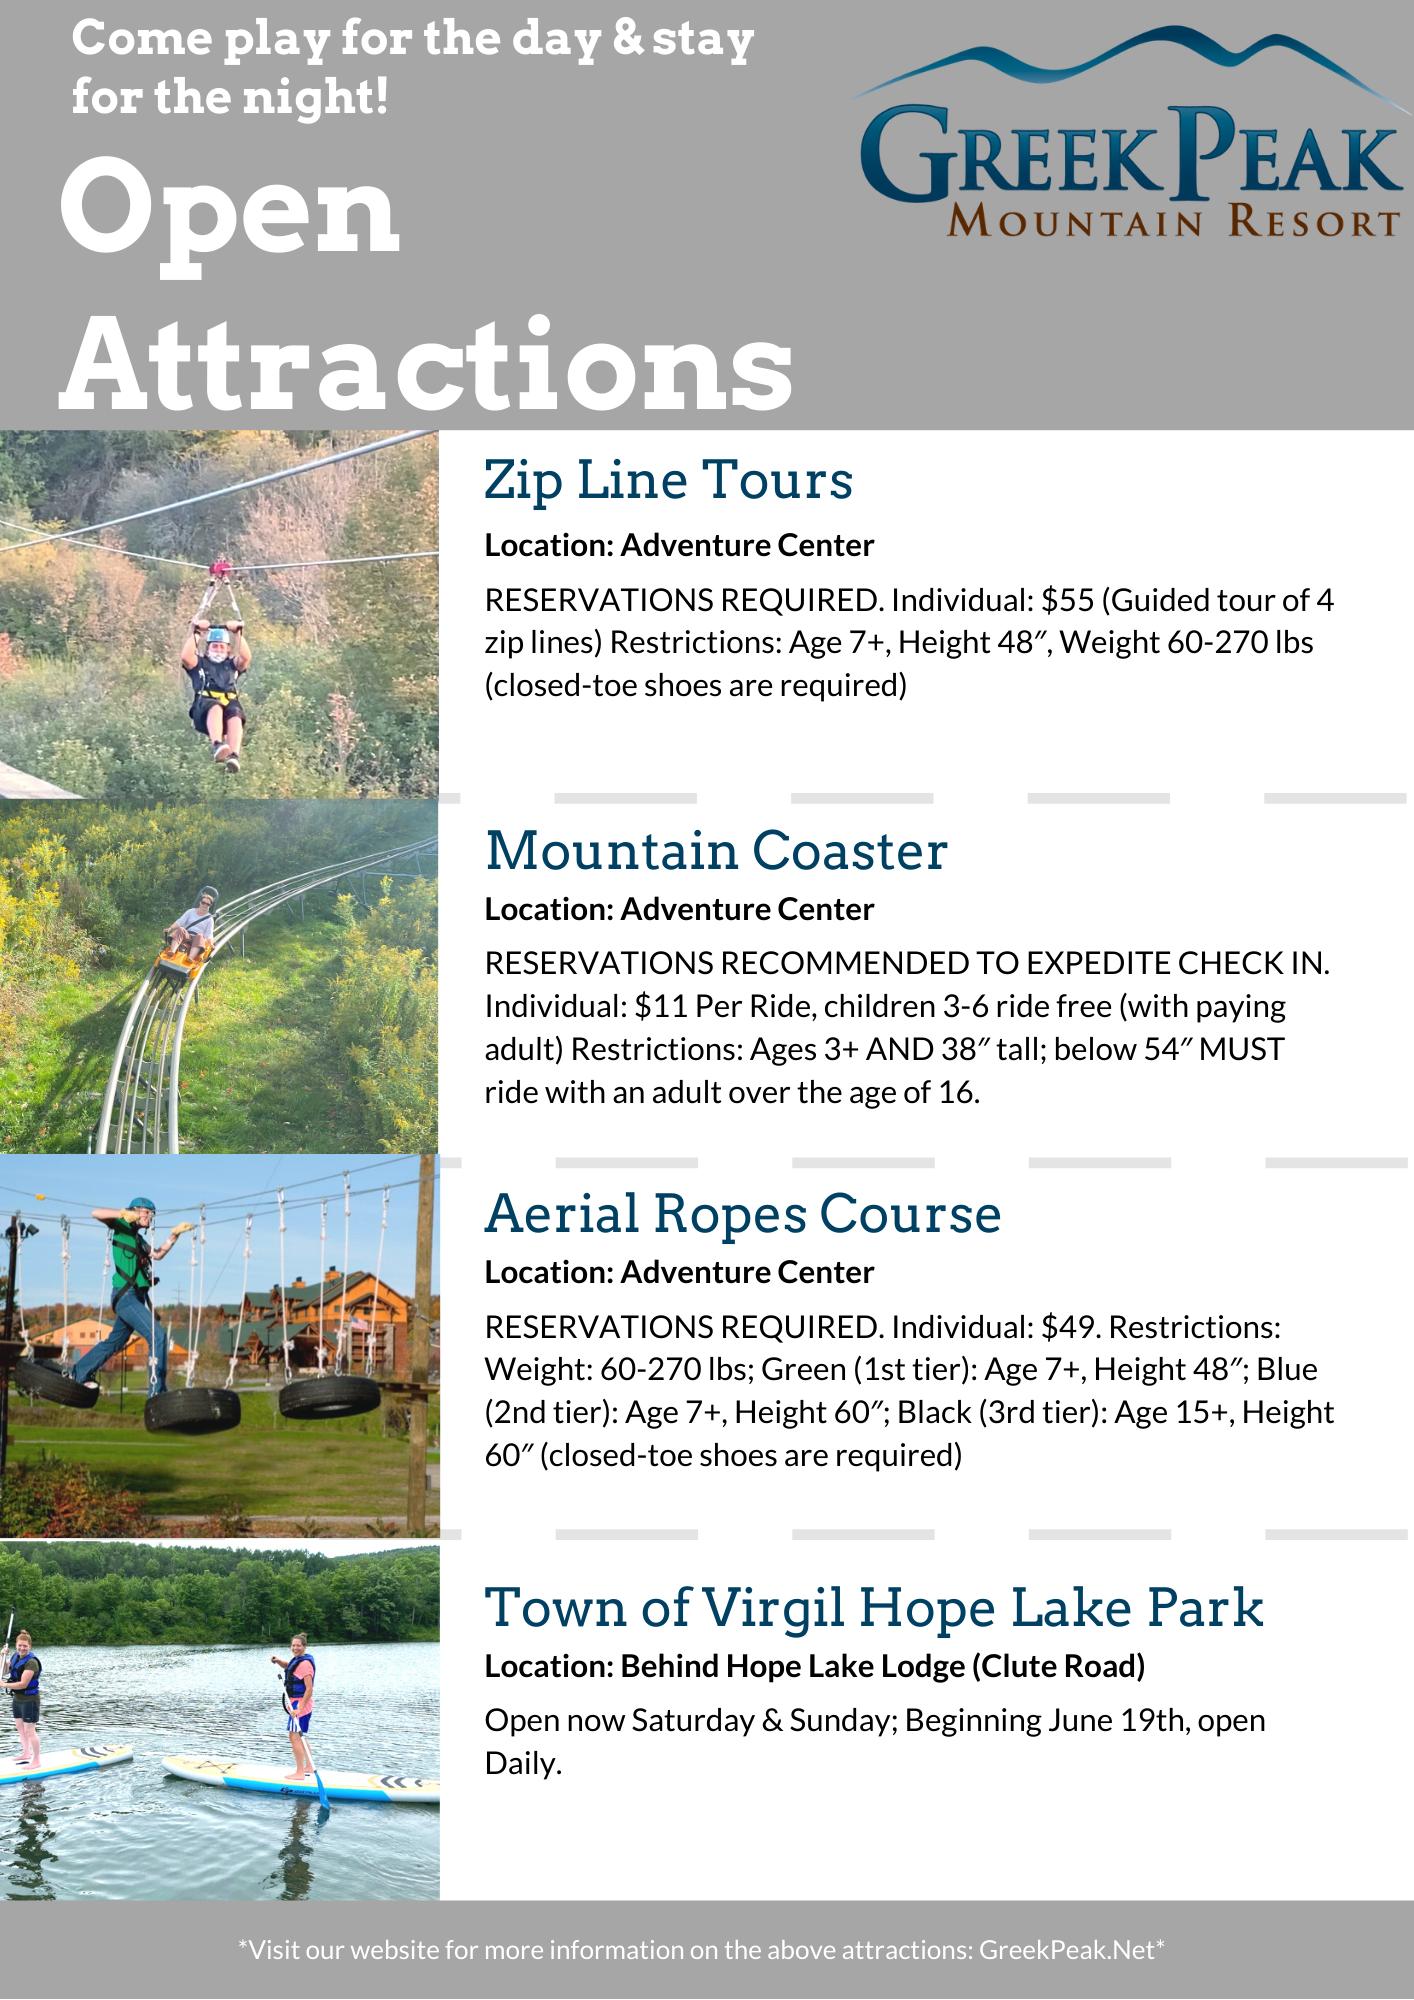 open attractions